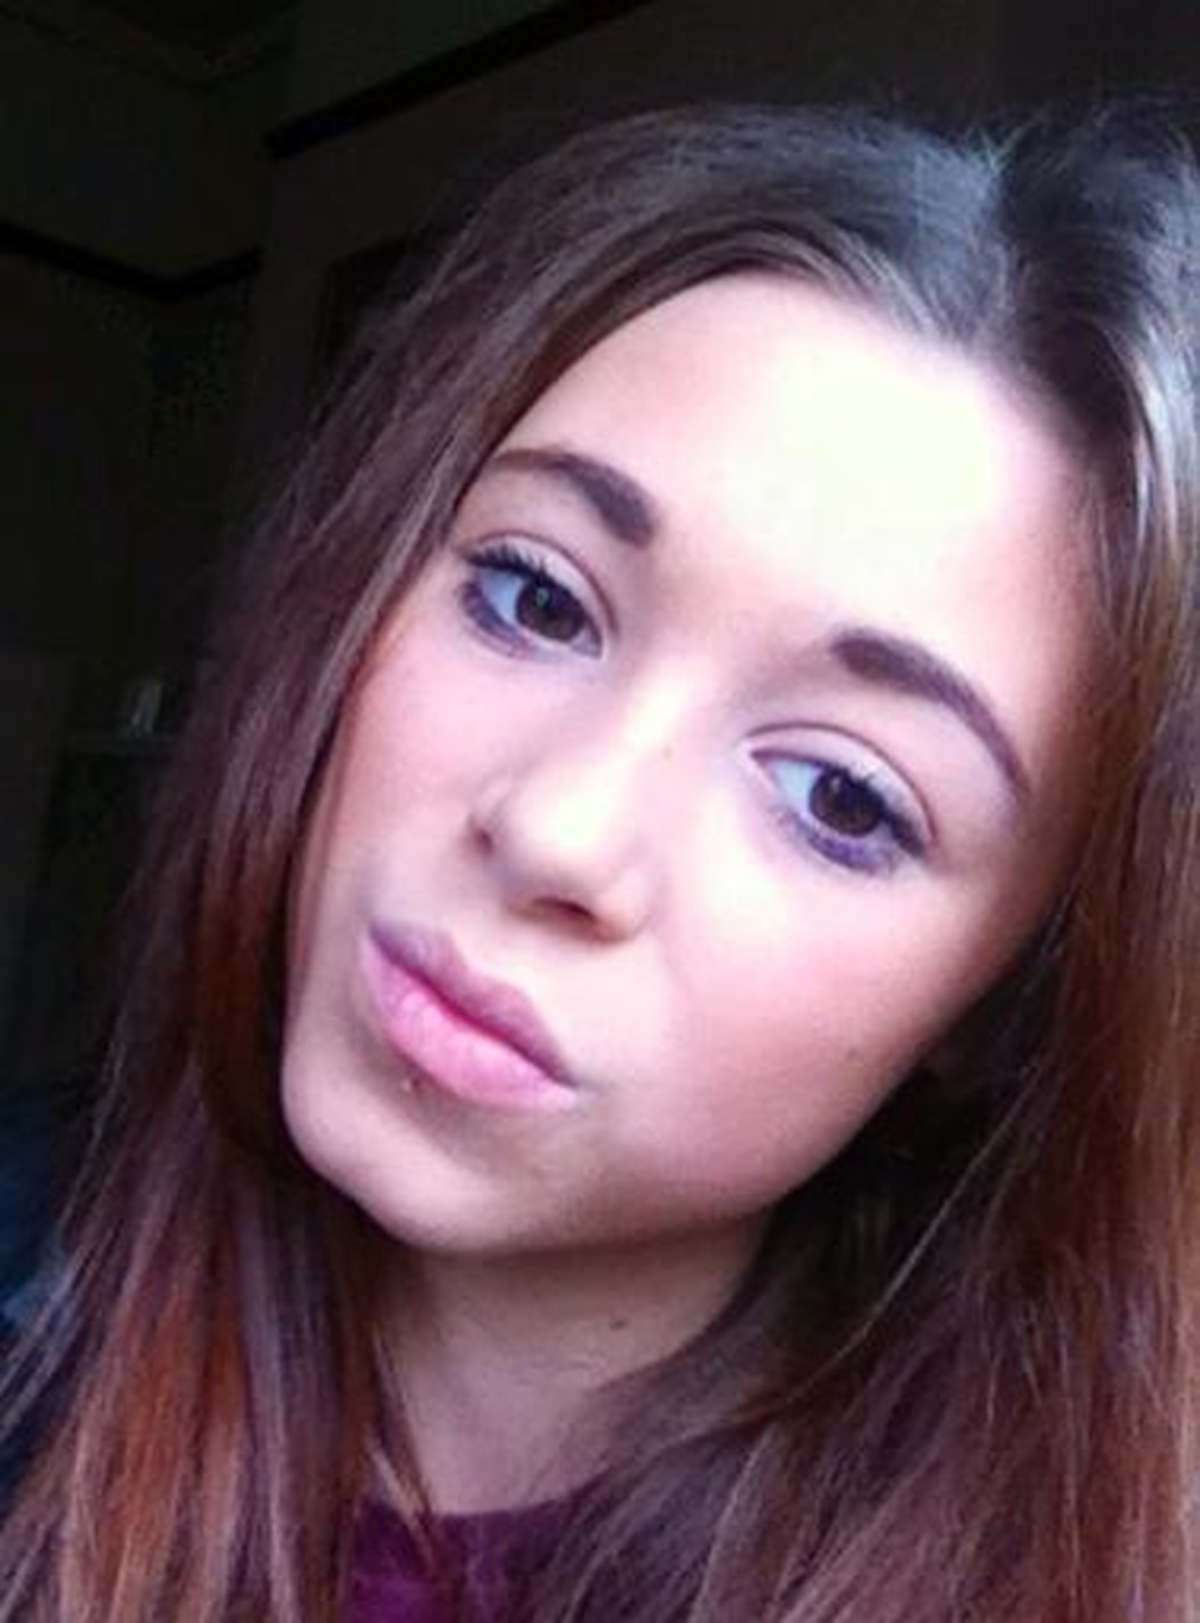 可愛い外見を嫉妬された14歳少女、学校とFacebookでイジメにあい首吊り自殺